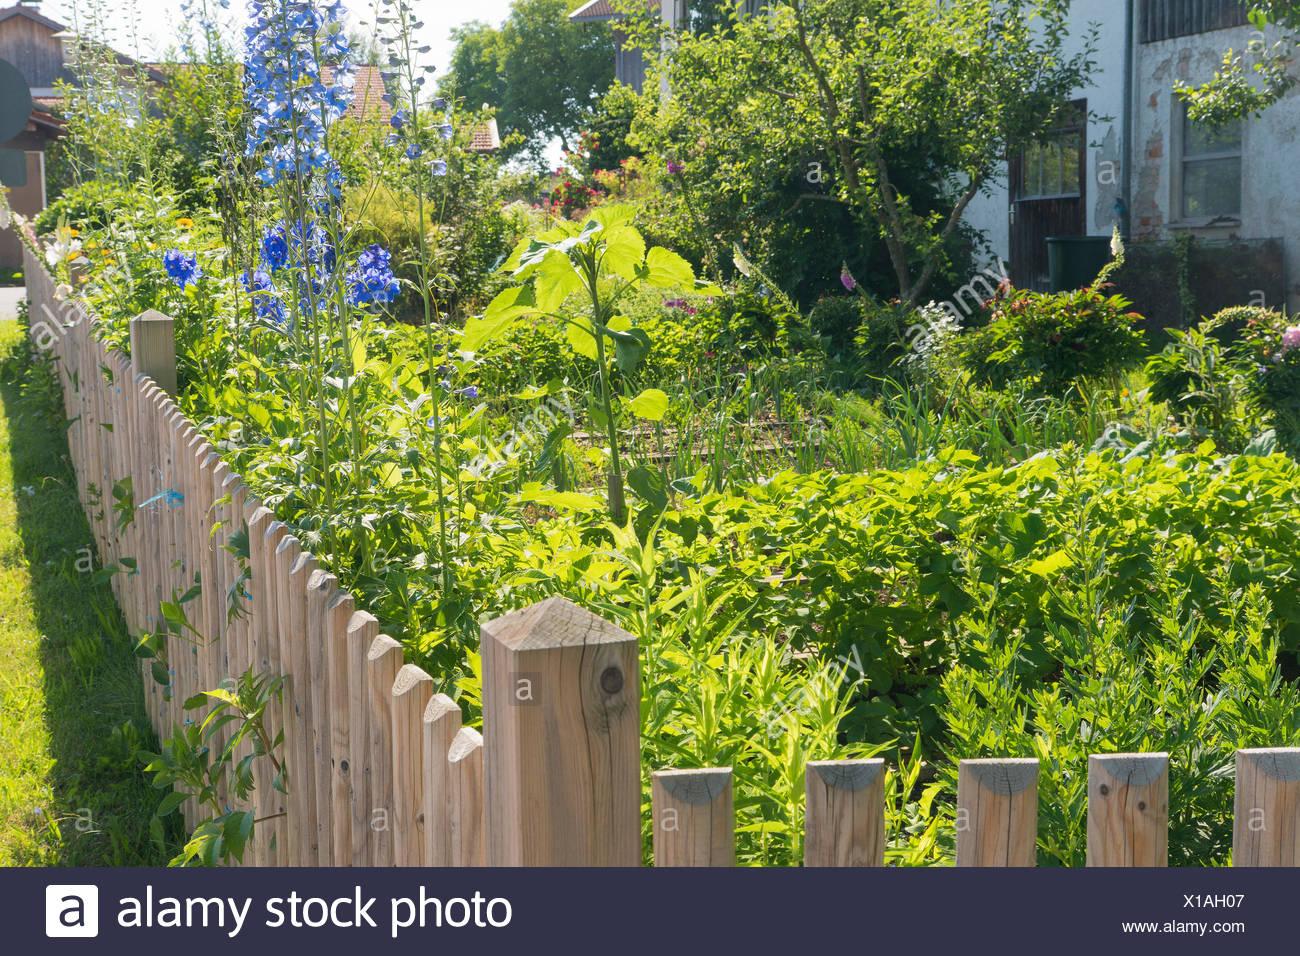 ecological  garden - Stock Image